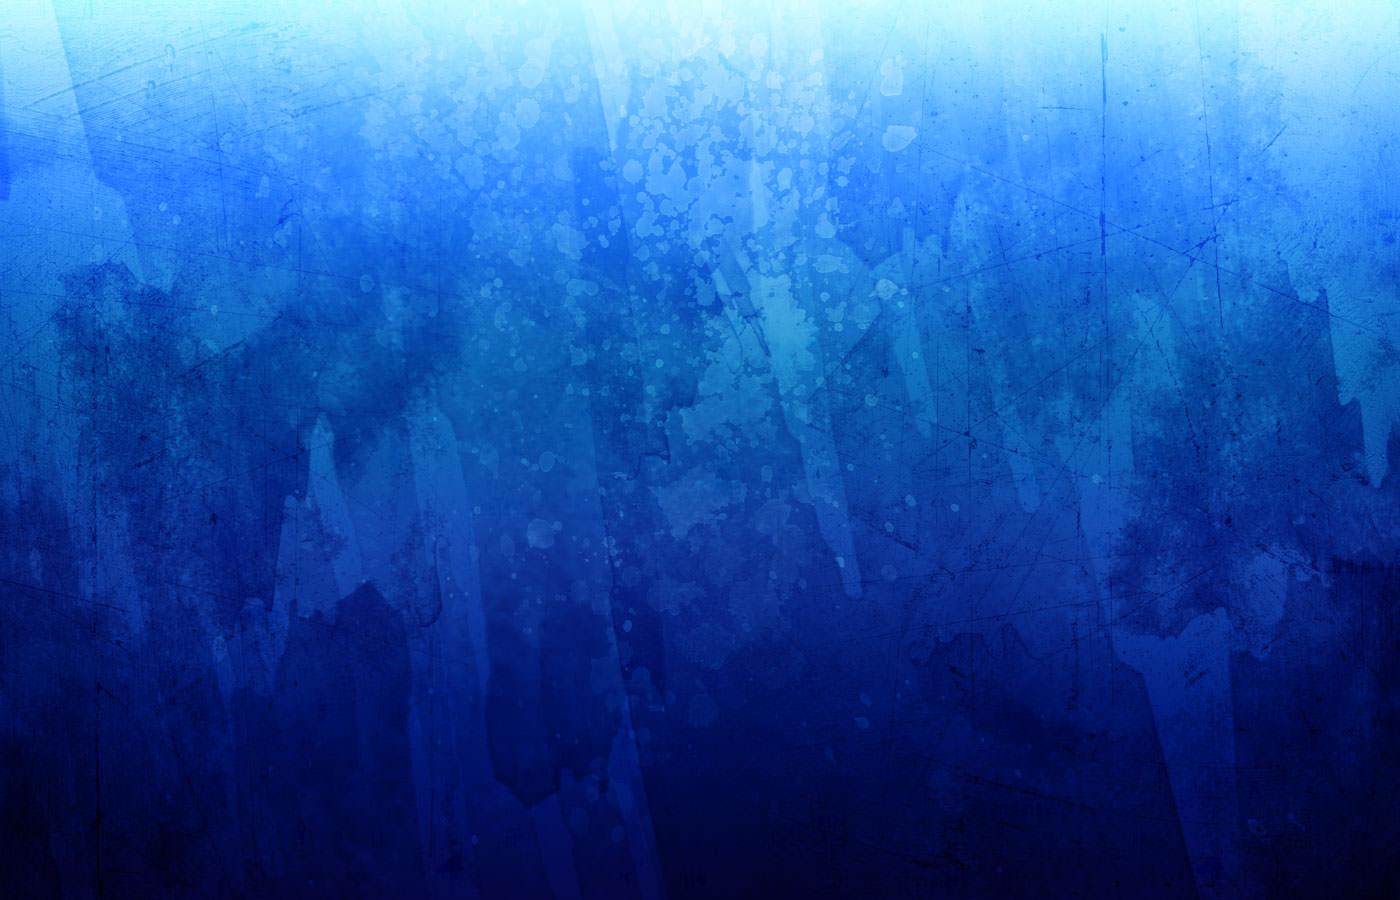 Navy Blue Watercolor